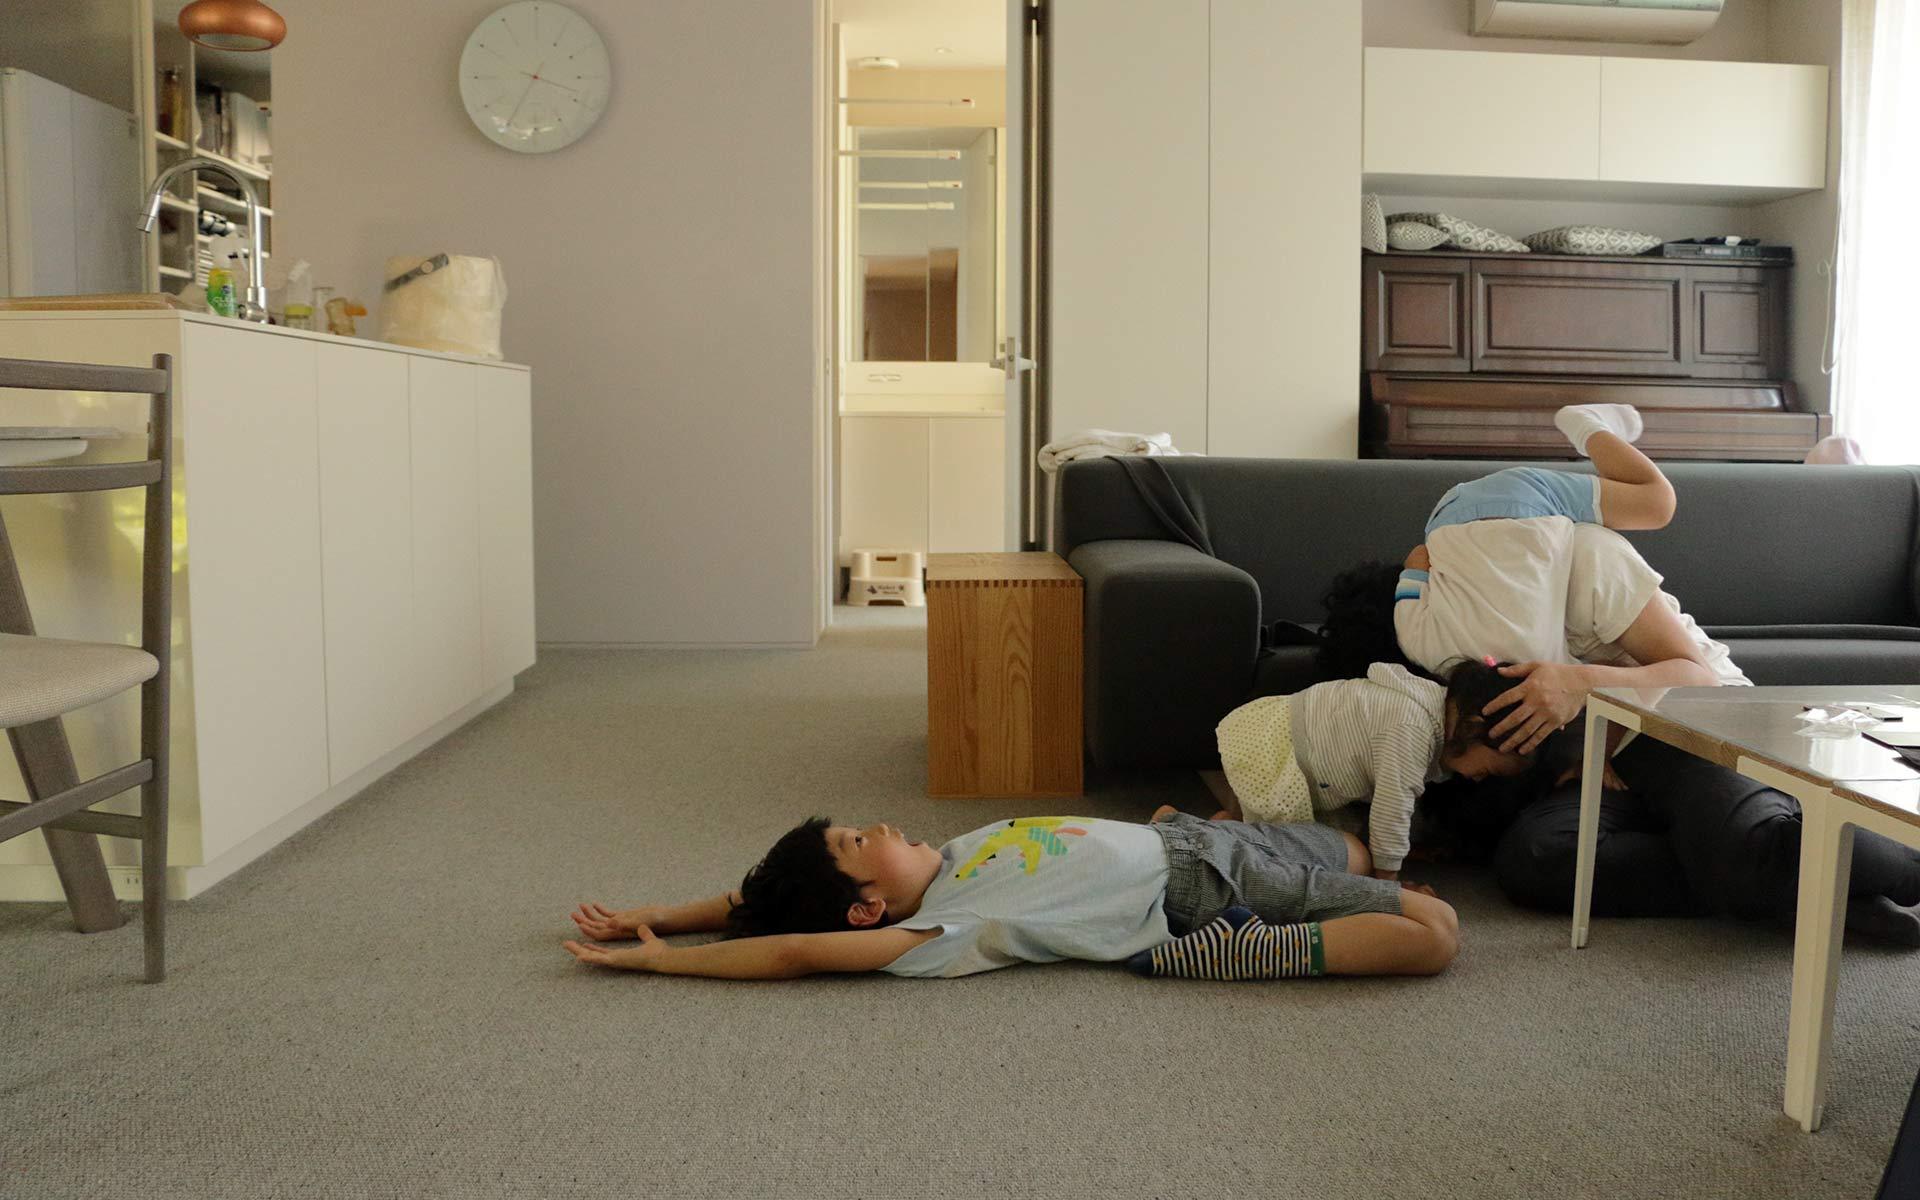 「堀田カーペット」のご自宅を訪問。お風呂とトイレ以外、すべてカーペットの暮らしとは?